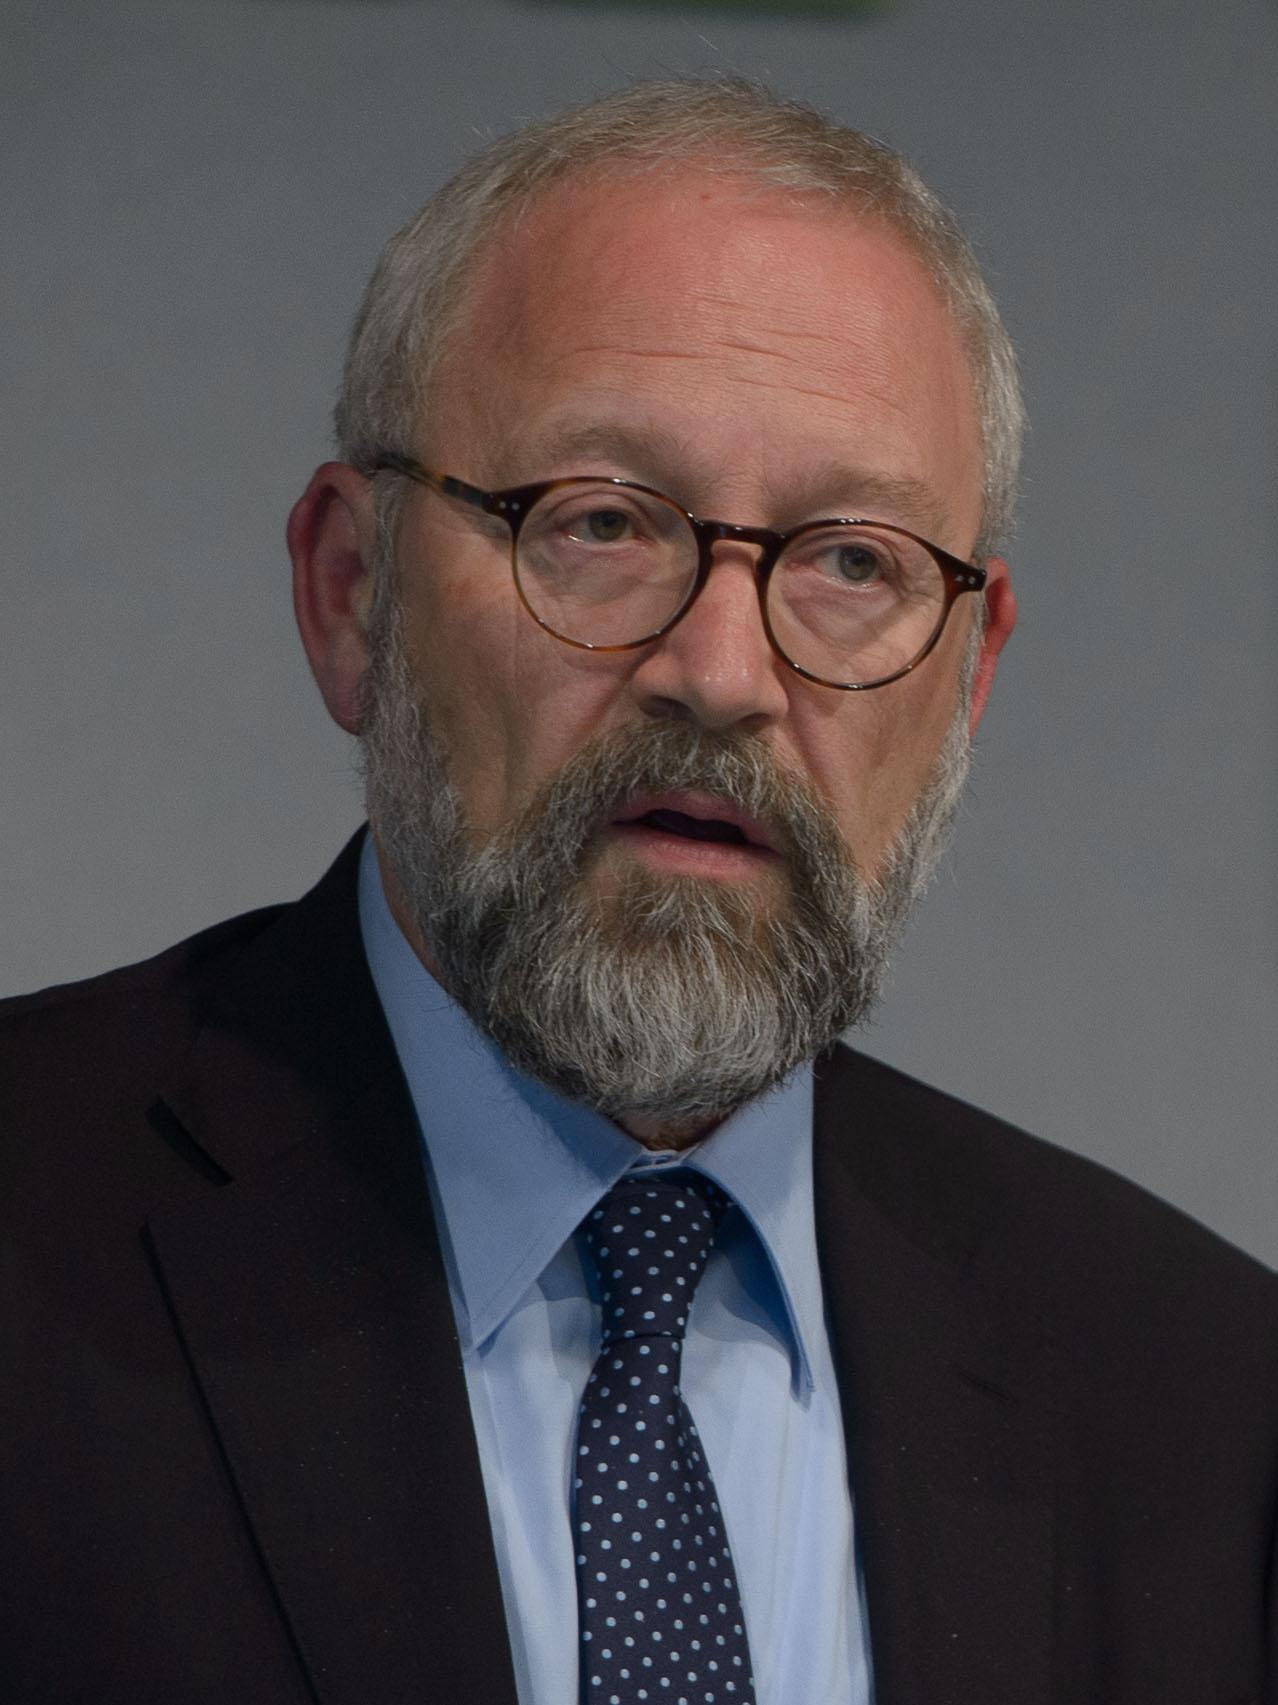 Prof. Herfried Muenkler